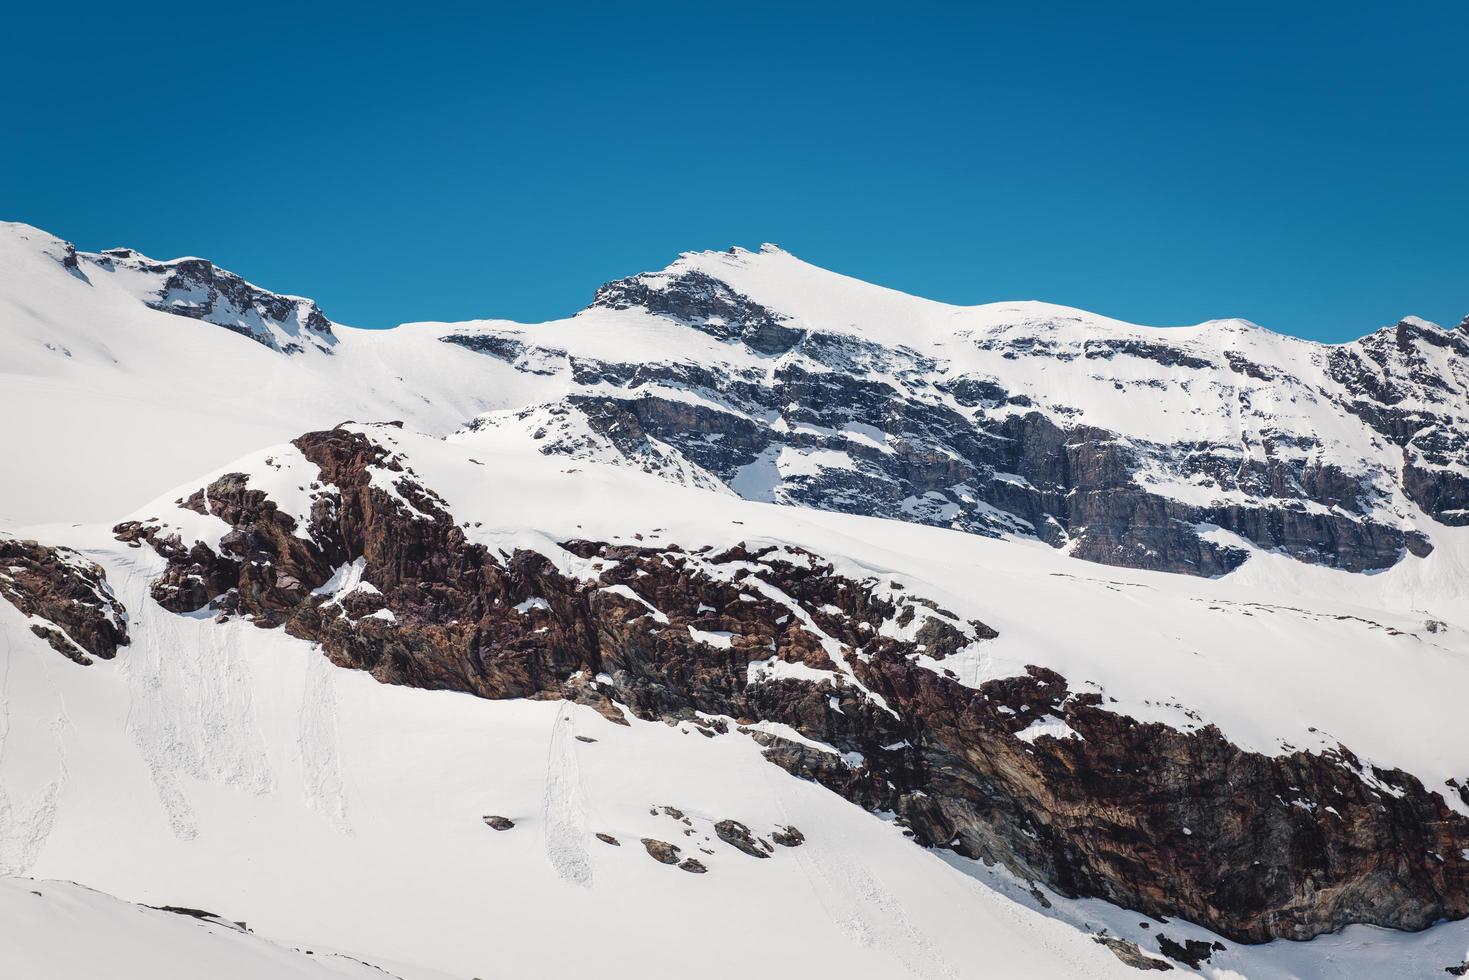 montañas cubiertas de nieve y cielo azul foto